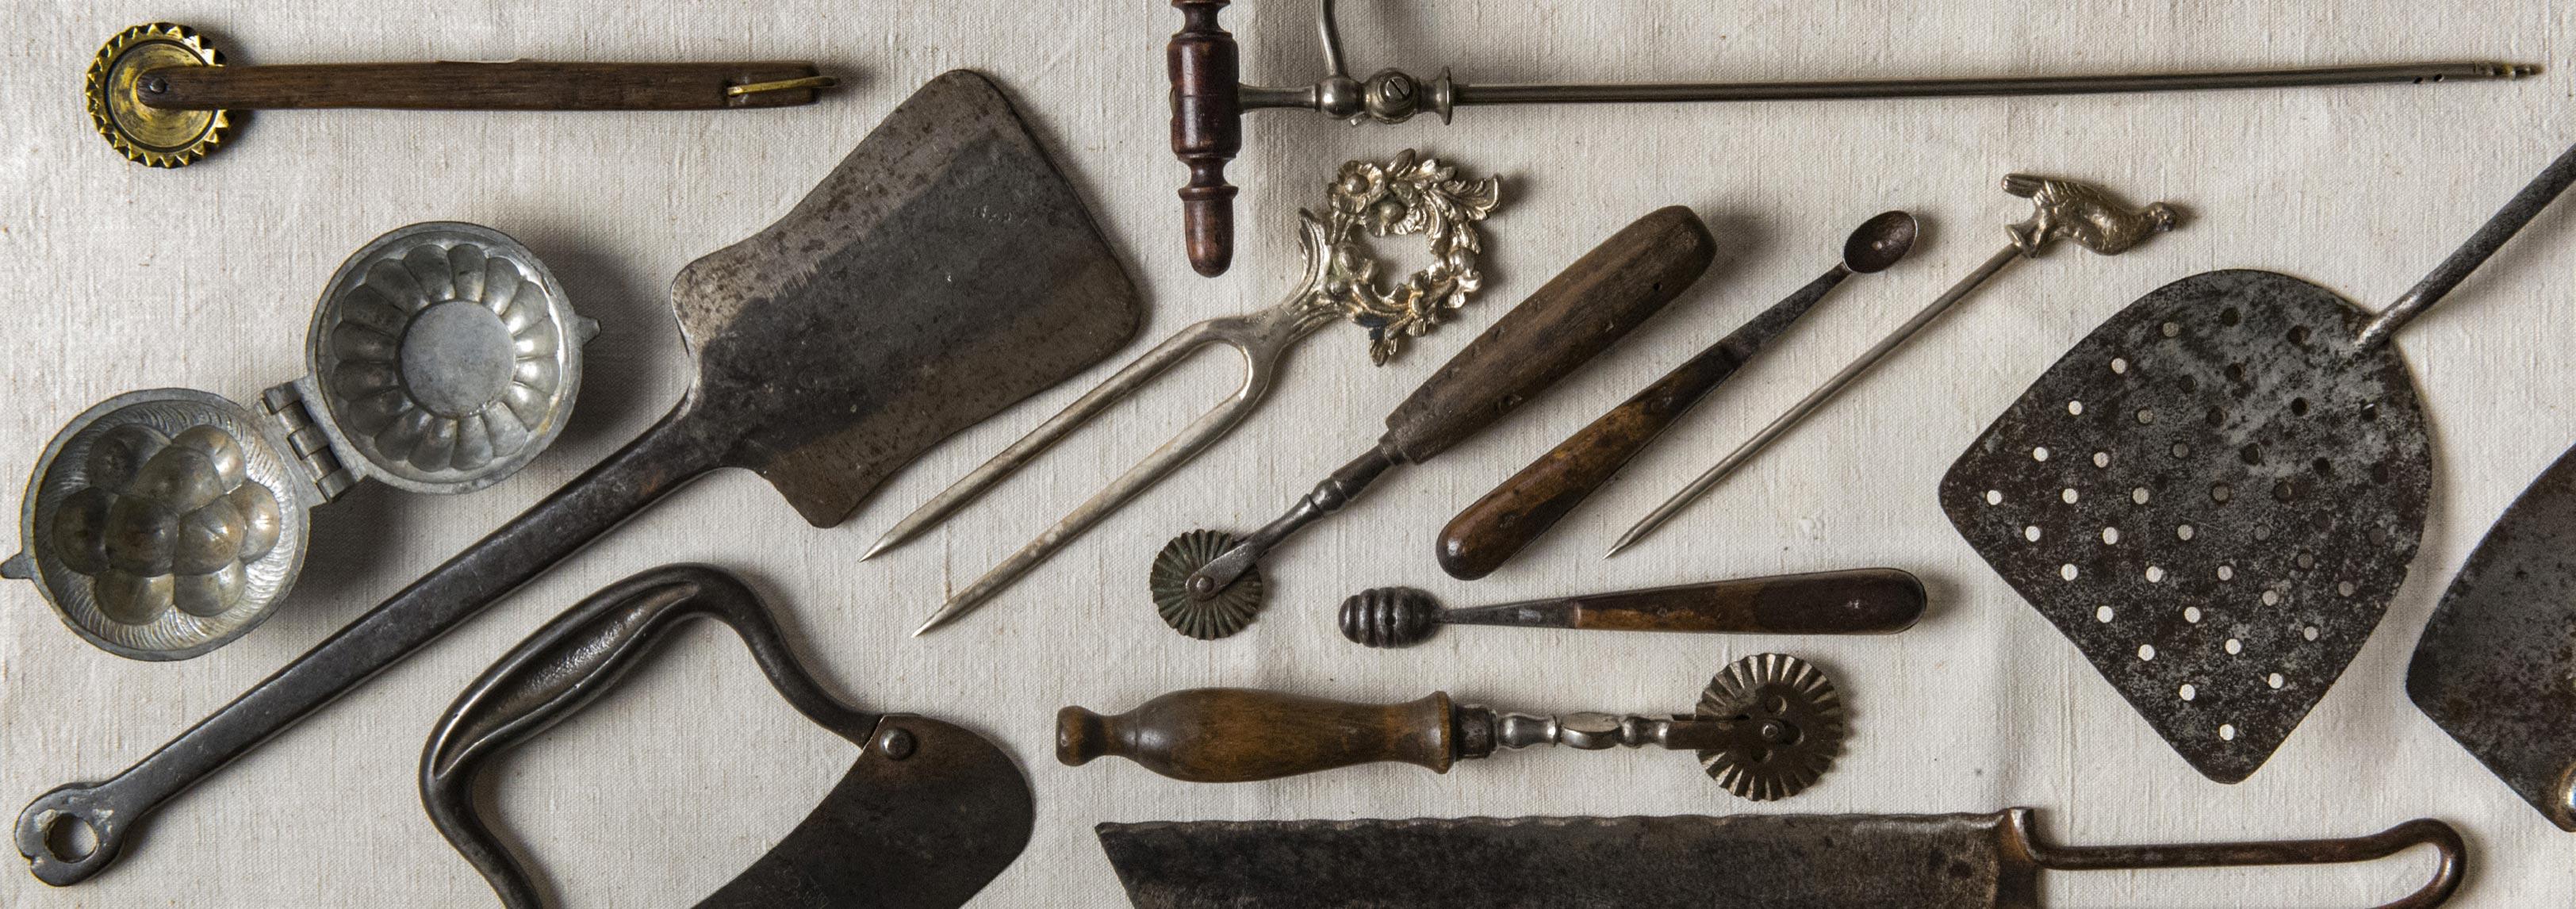 Vintage antico oggetti in metallo bibliotheca culinaria for Oggetti vintage per casa